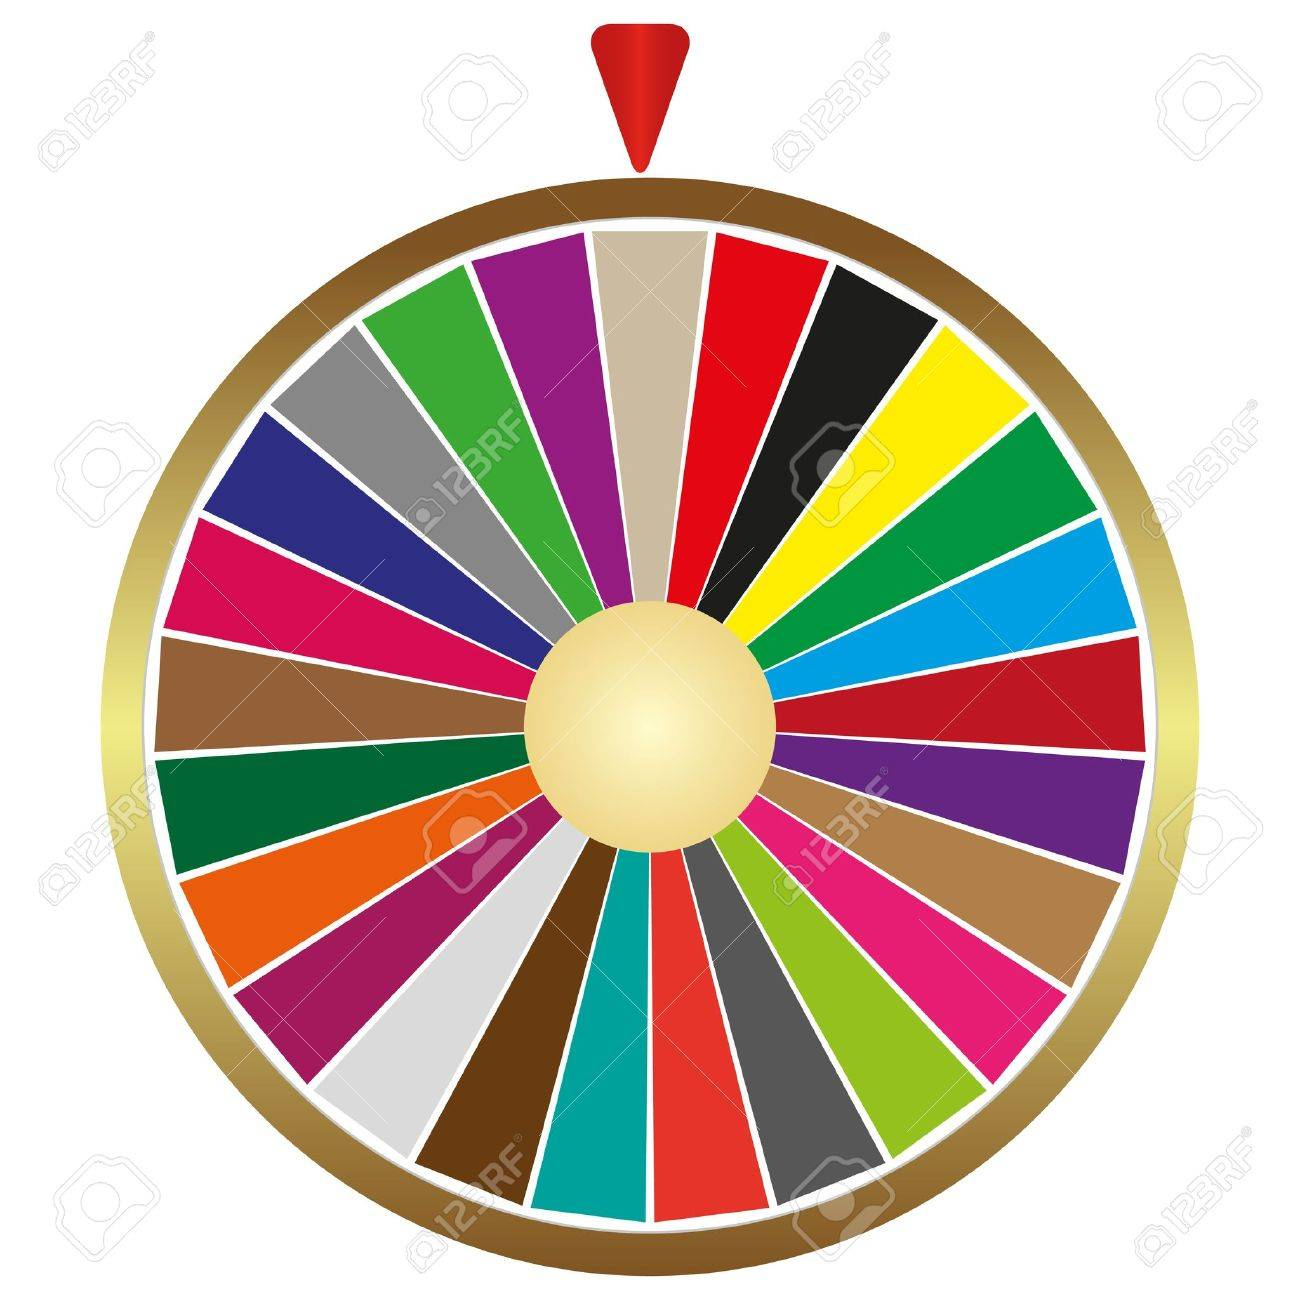 Wheel of fortune Stock Vector - 16718121